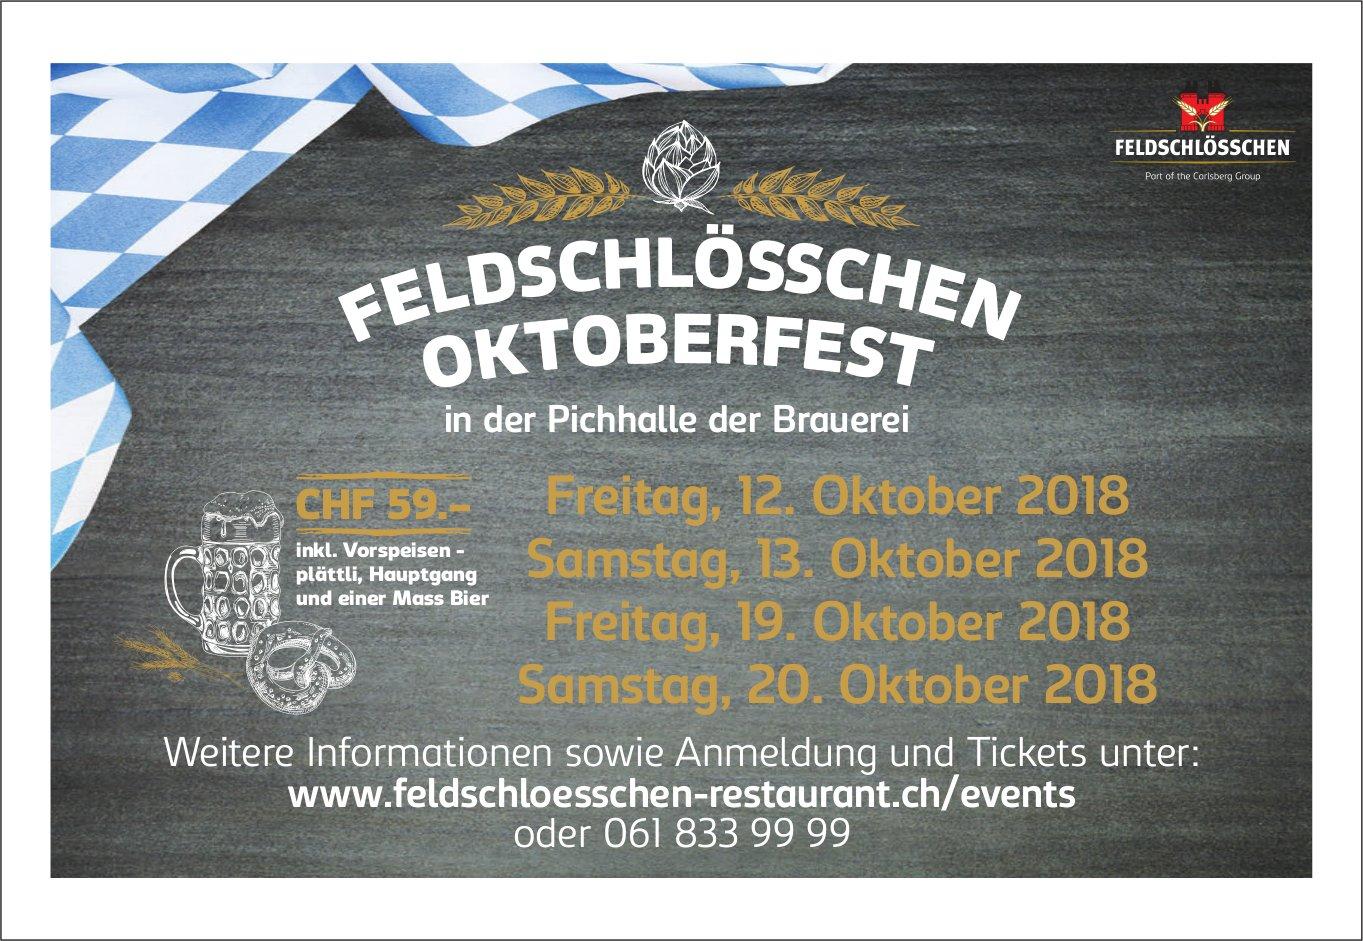 Feldschlössen Oktoberfest in der Pichhalle der Brauerei, 12./13. + 19./20. Oktober